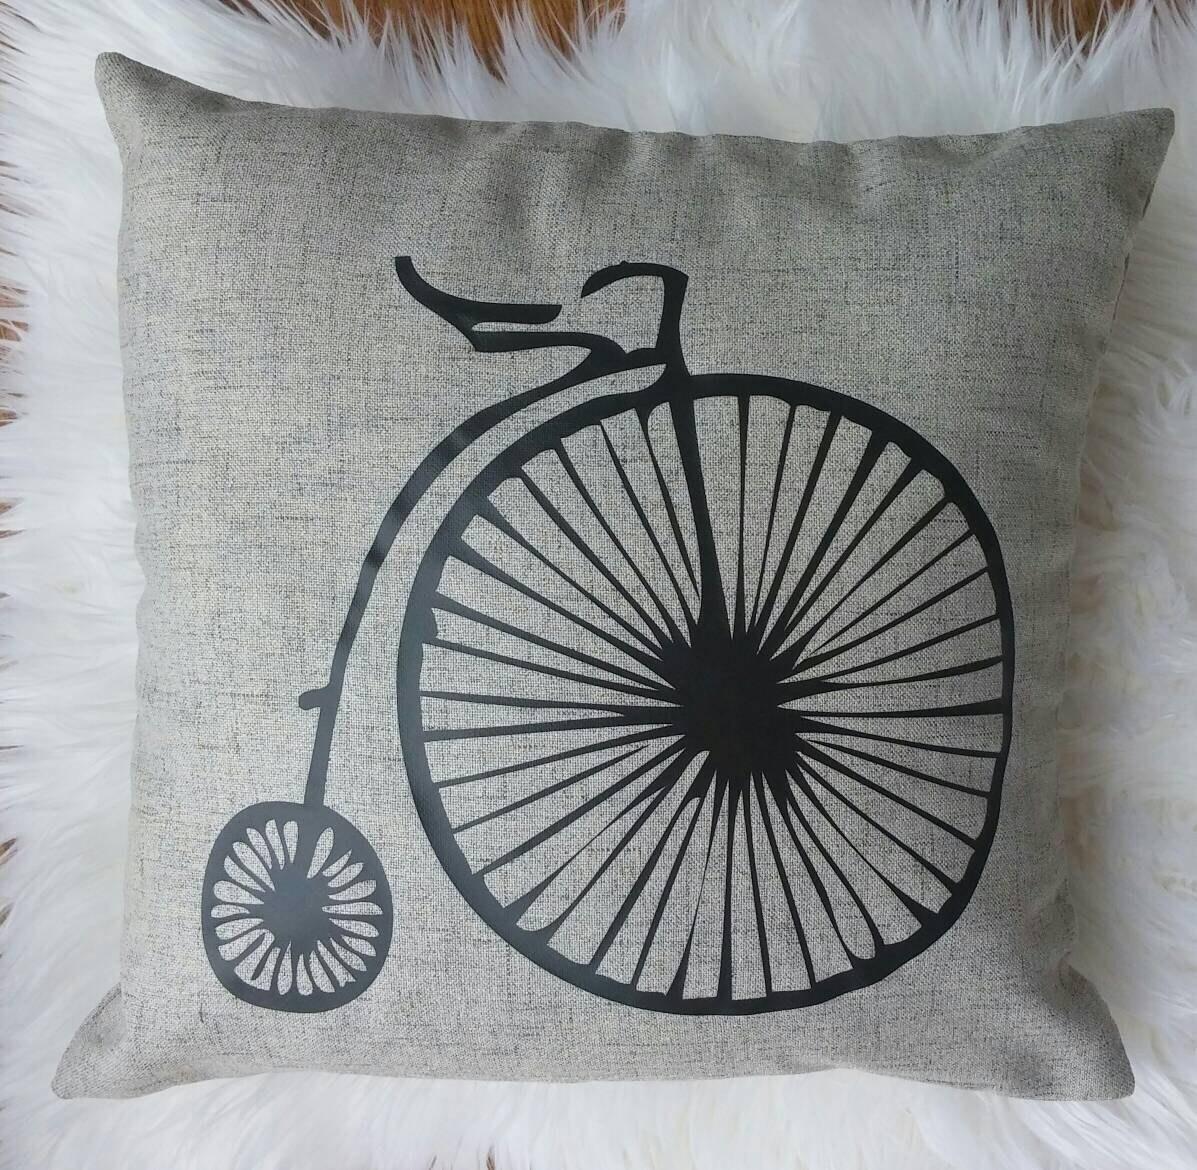 Unique Modern Decorative Home Decor Throw Pillow Retro Bike